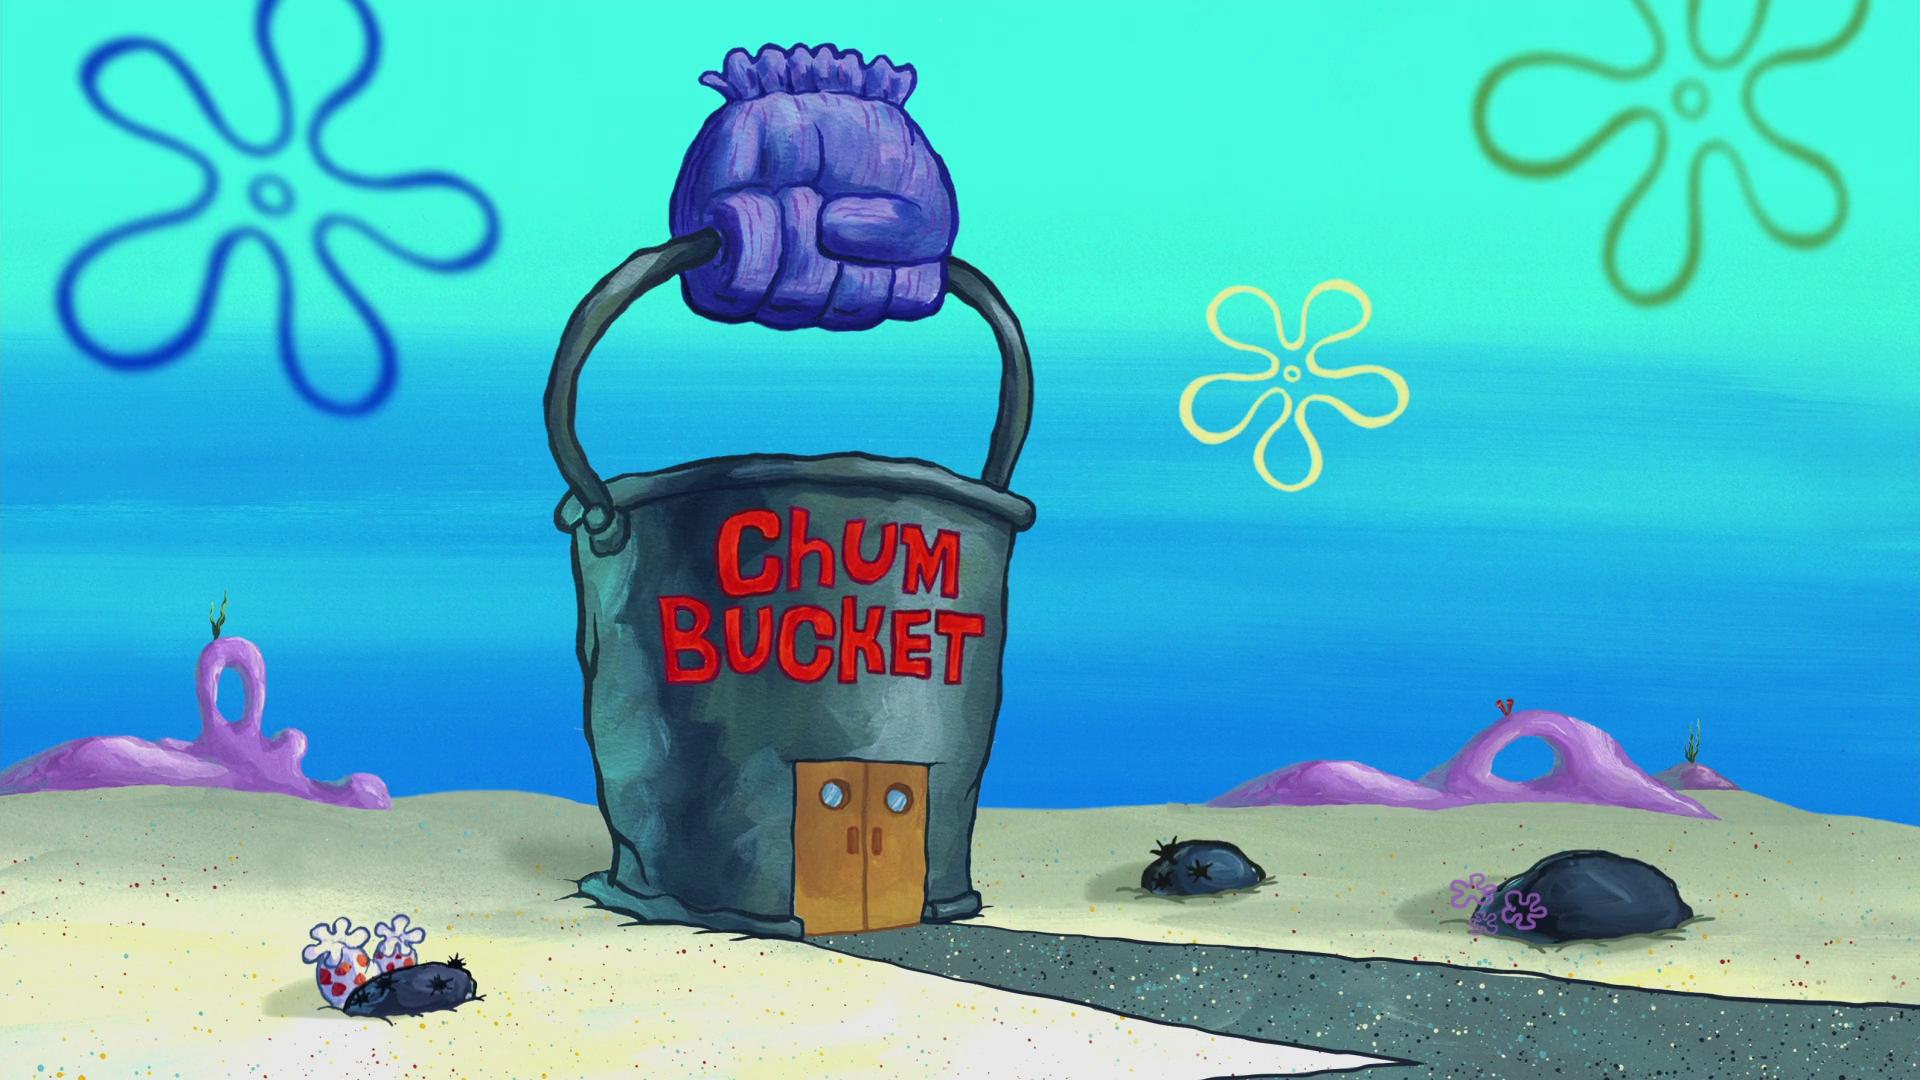 Chum Bucket Encyclopedia Spongebobia Fandom Powered By Wikia